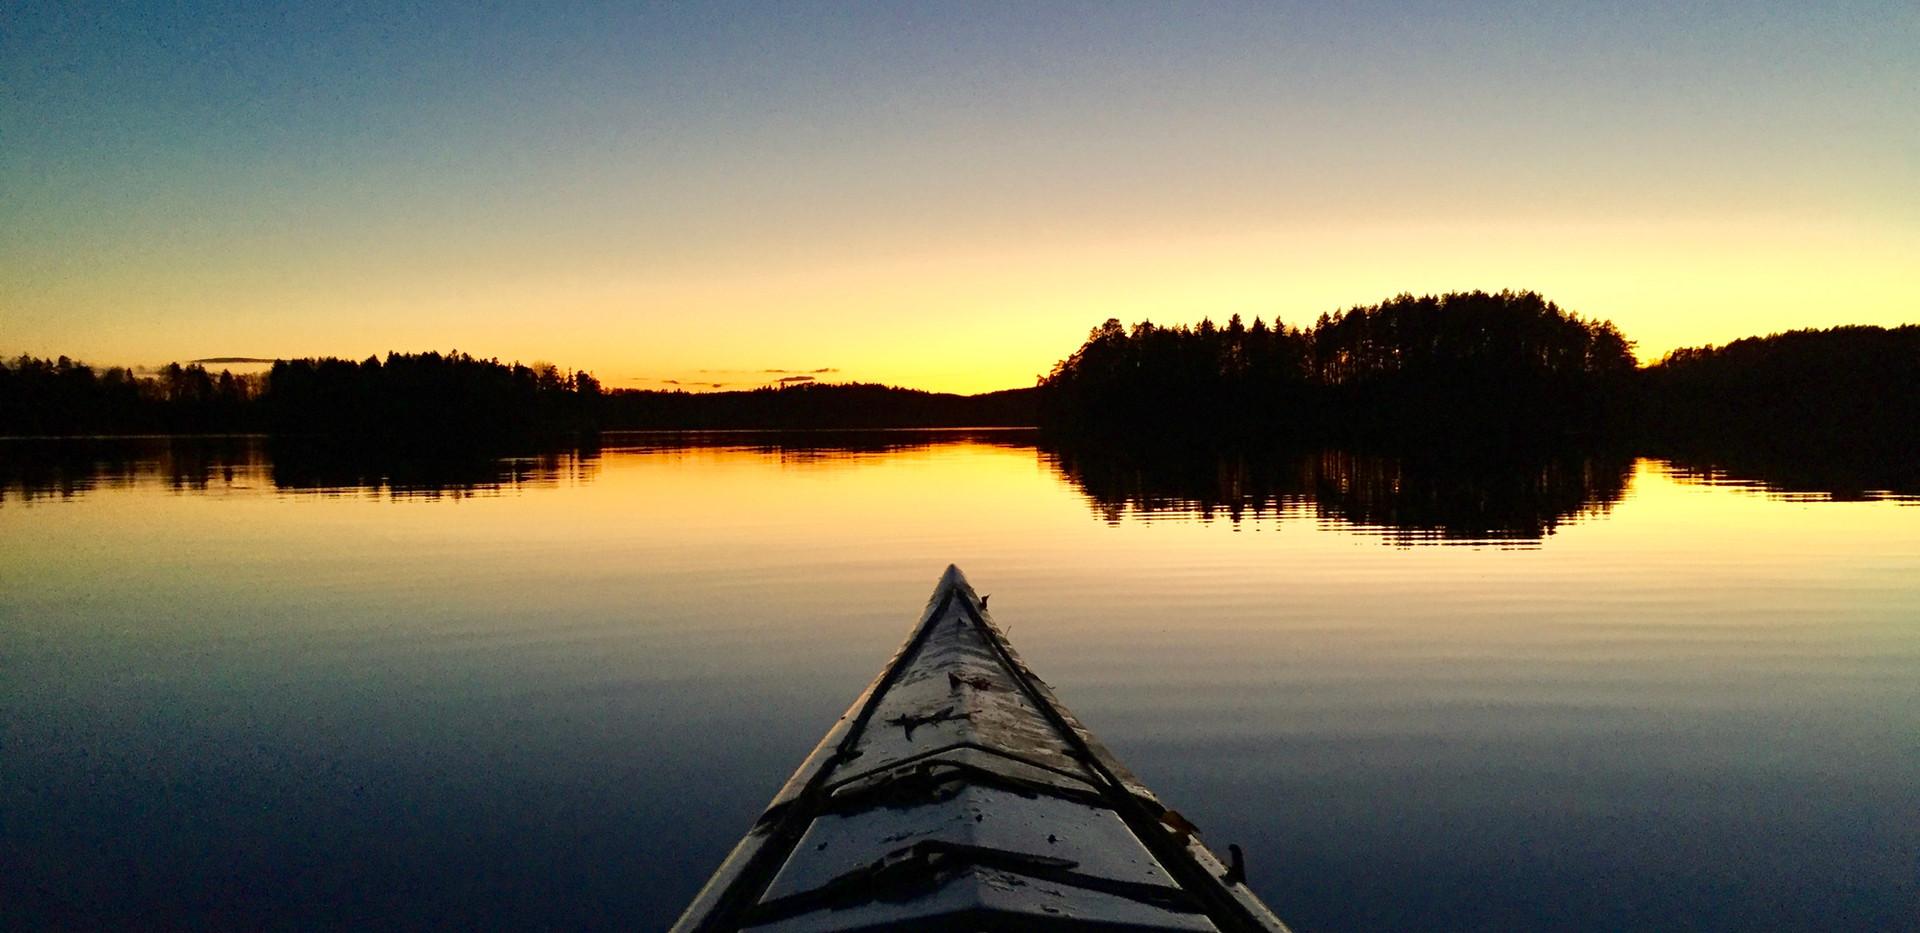 kayaking in a swedish lake